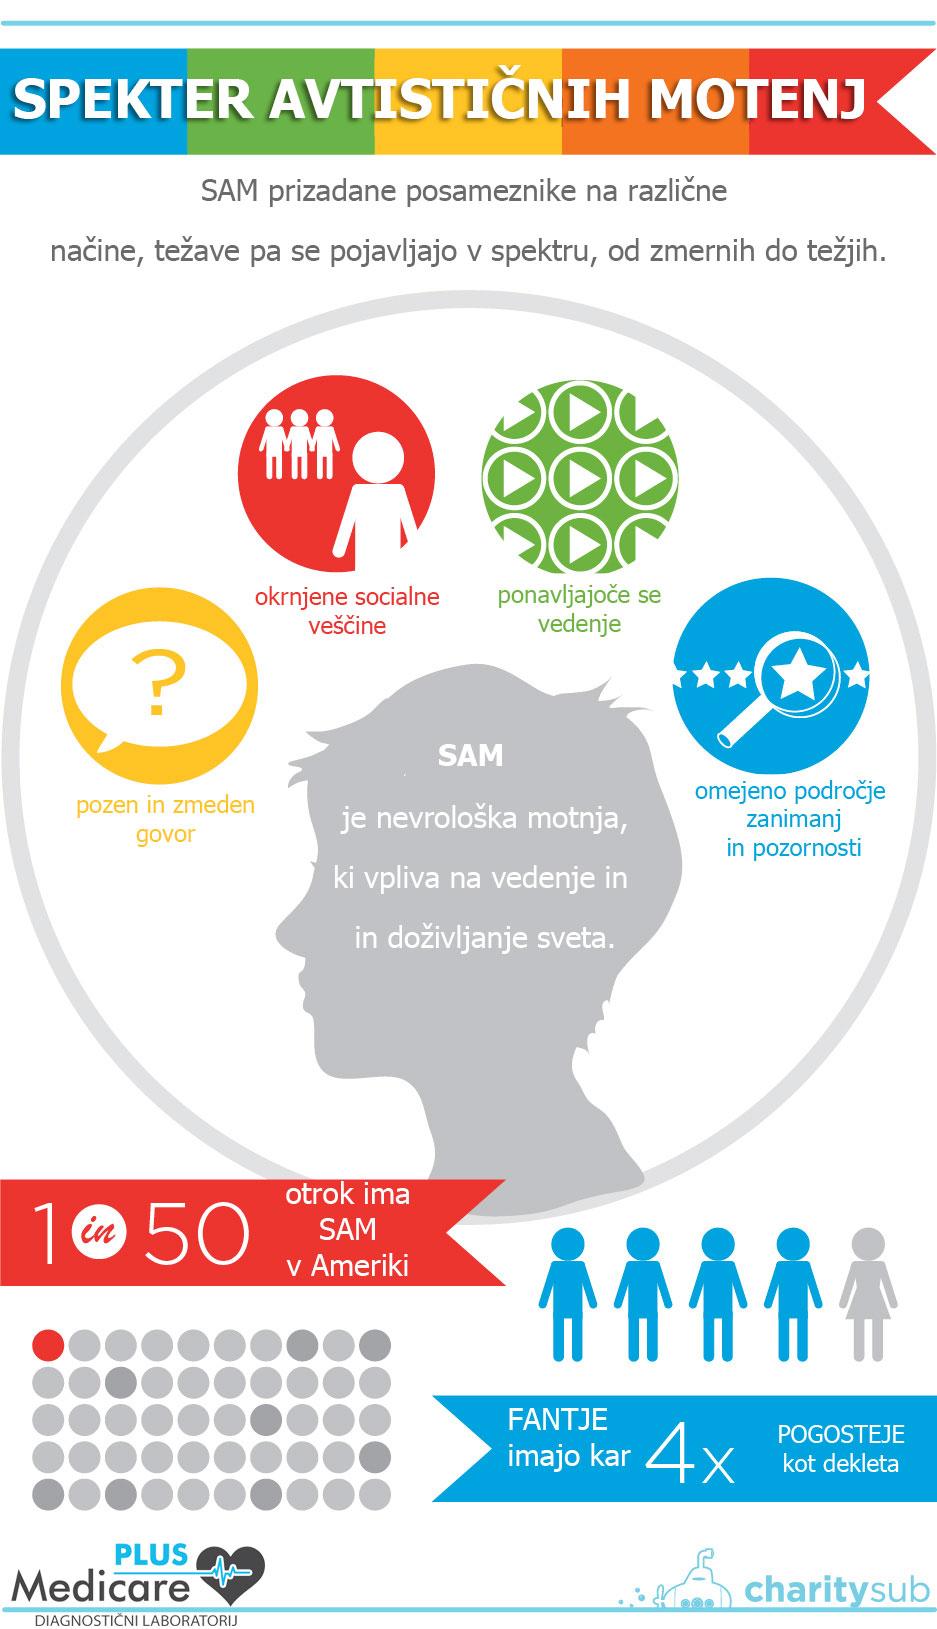 Spekter avtističnih motenj (SAM) ter avtizem in prehrana